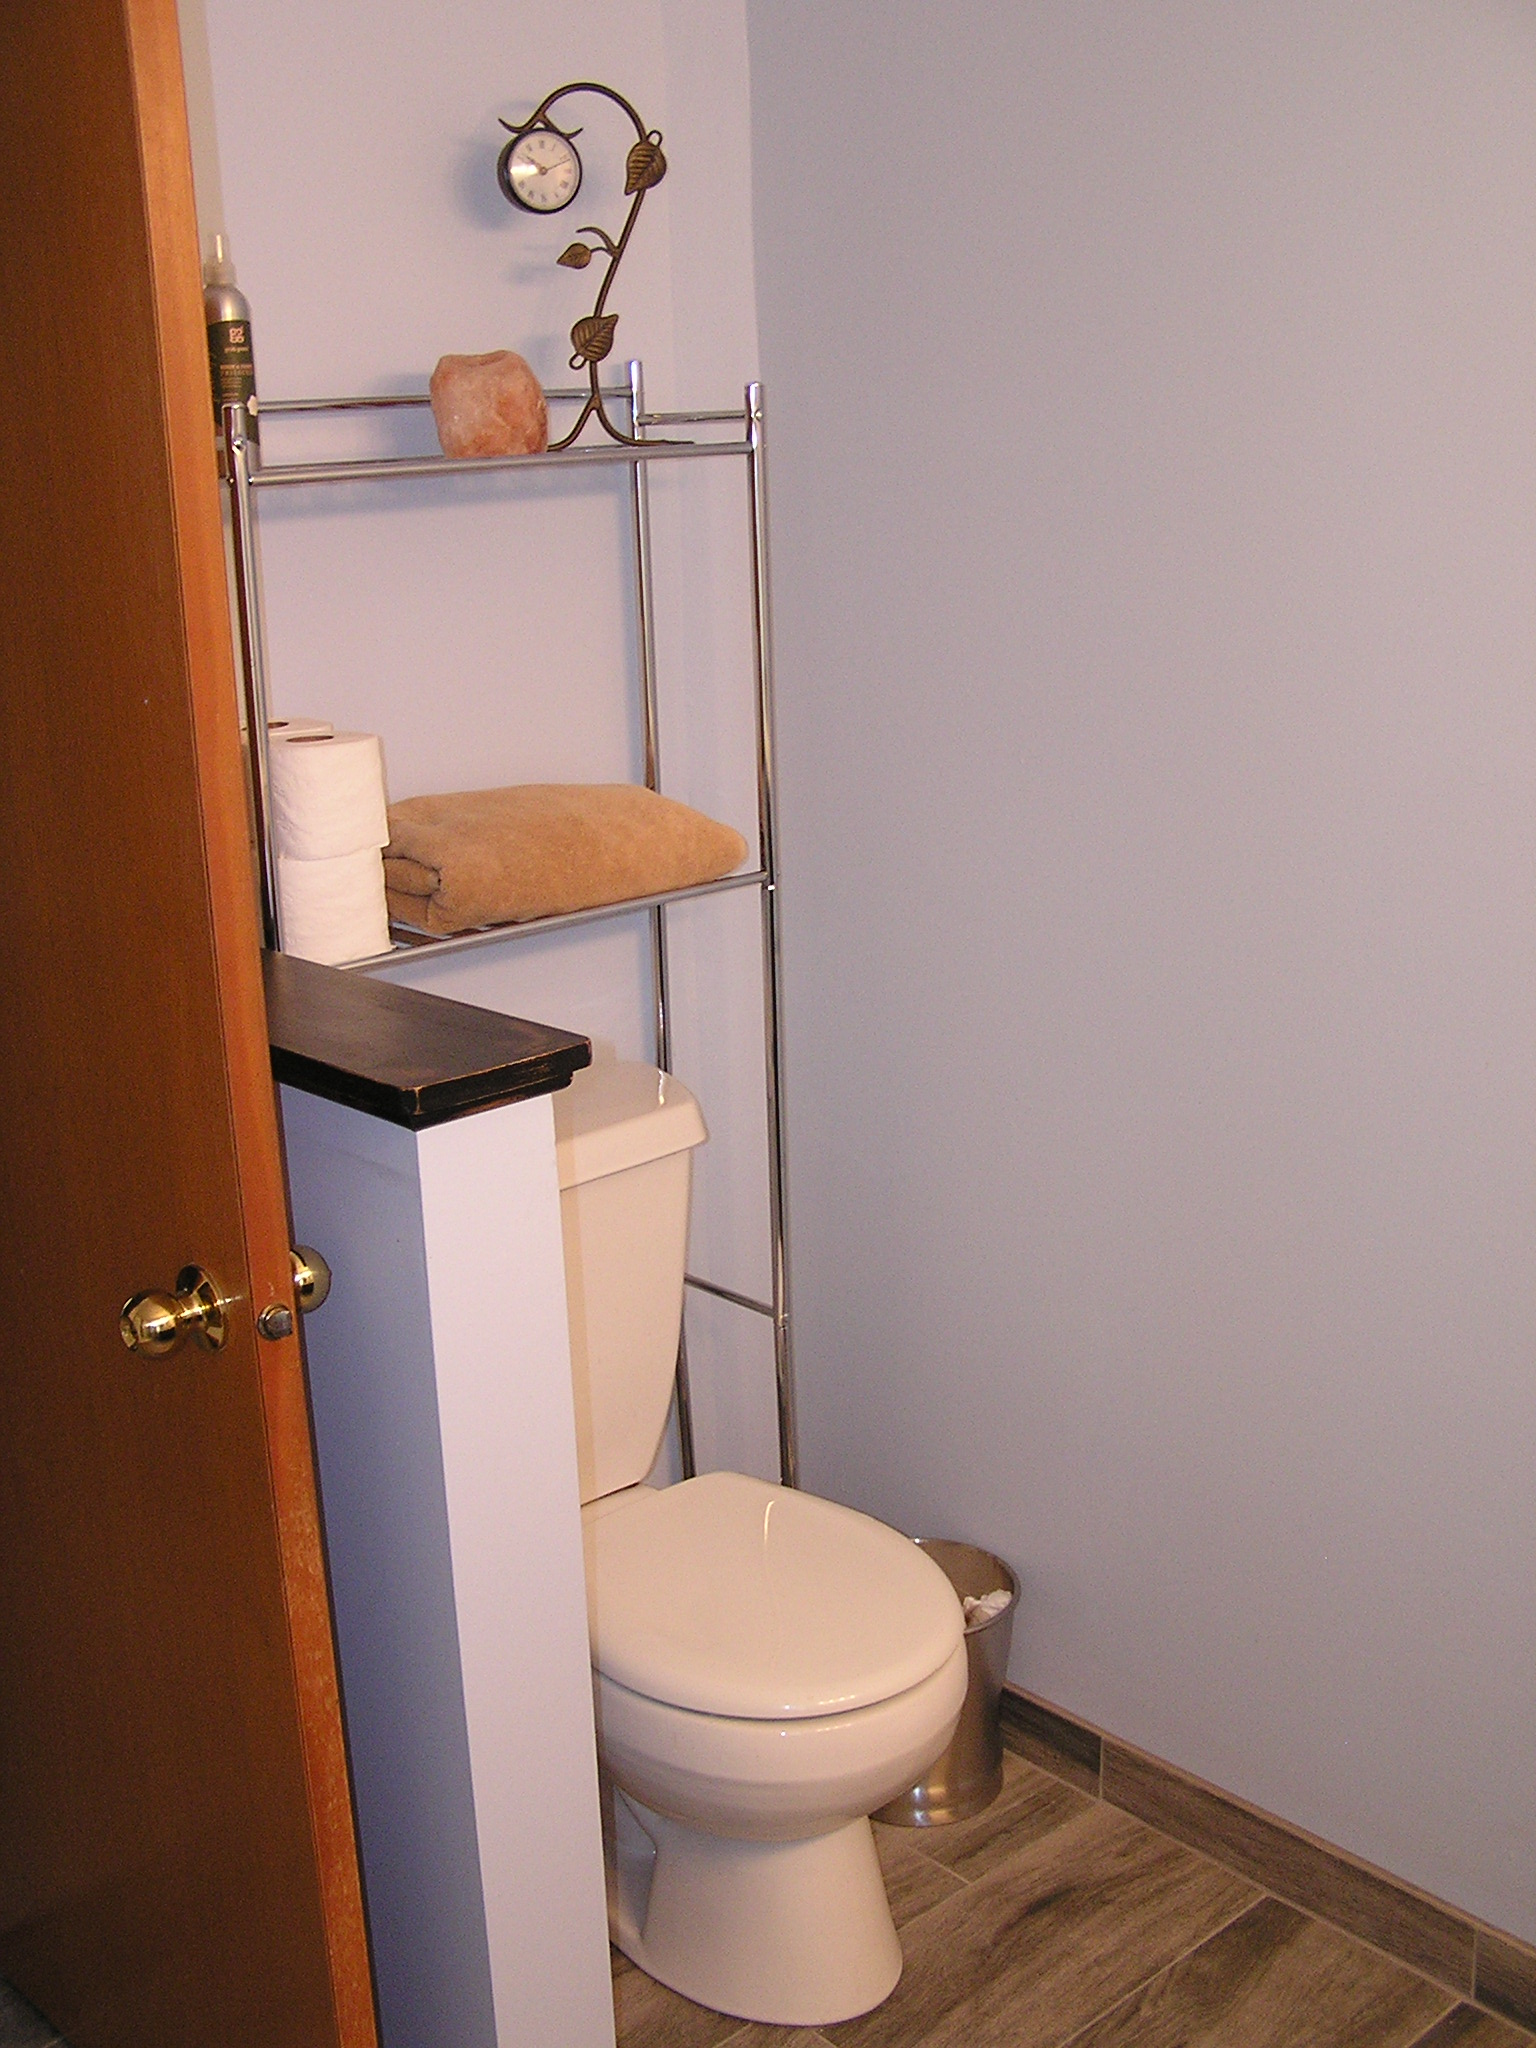 Toilet alcove